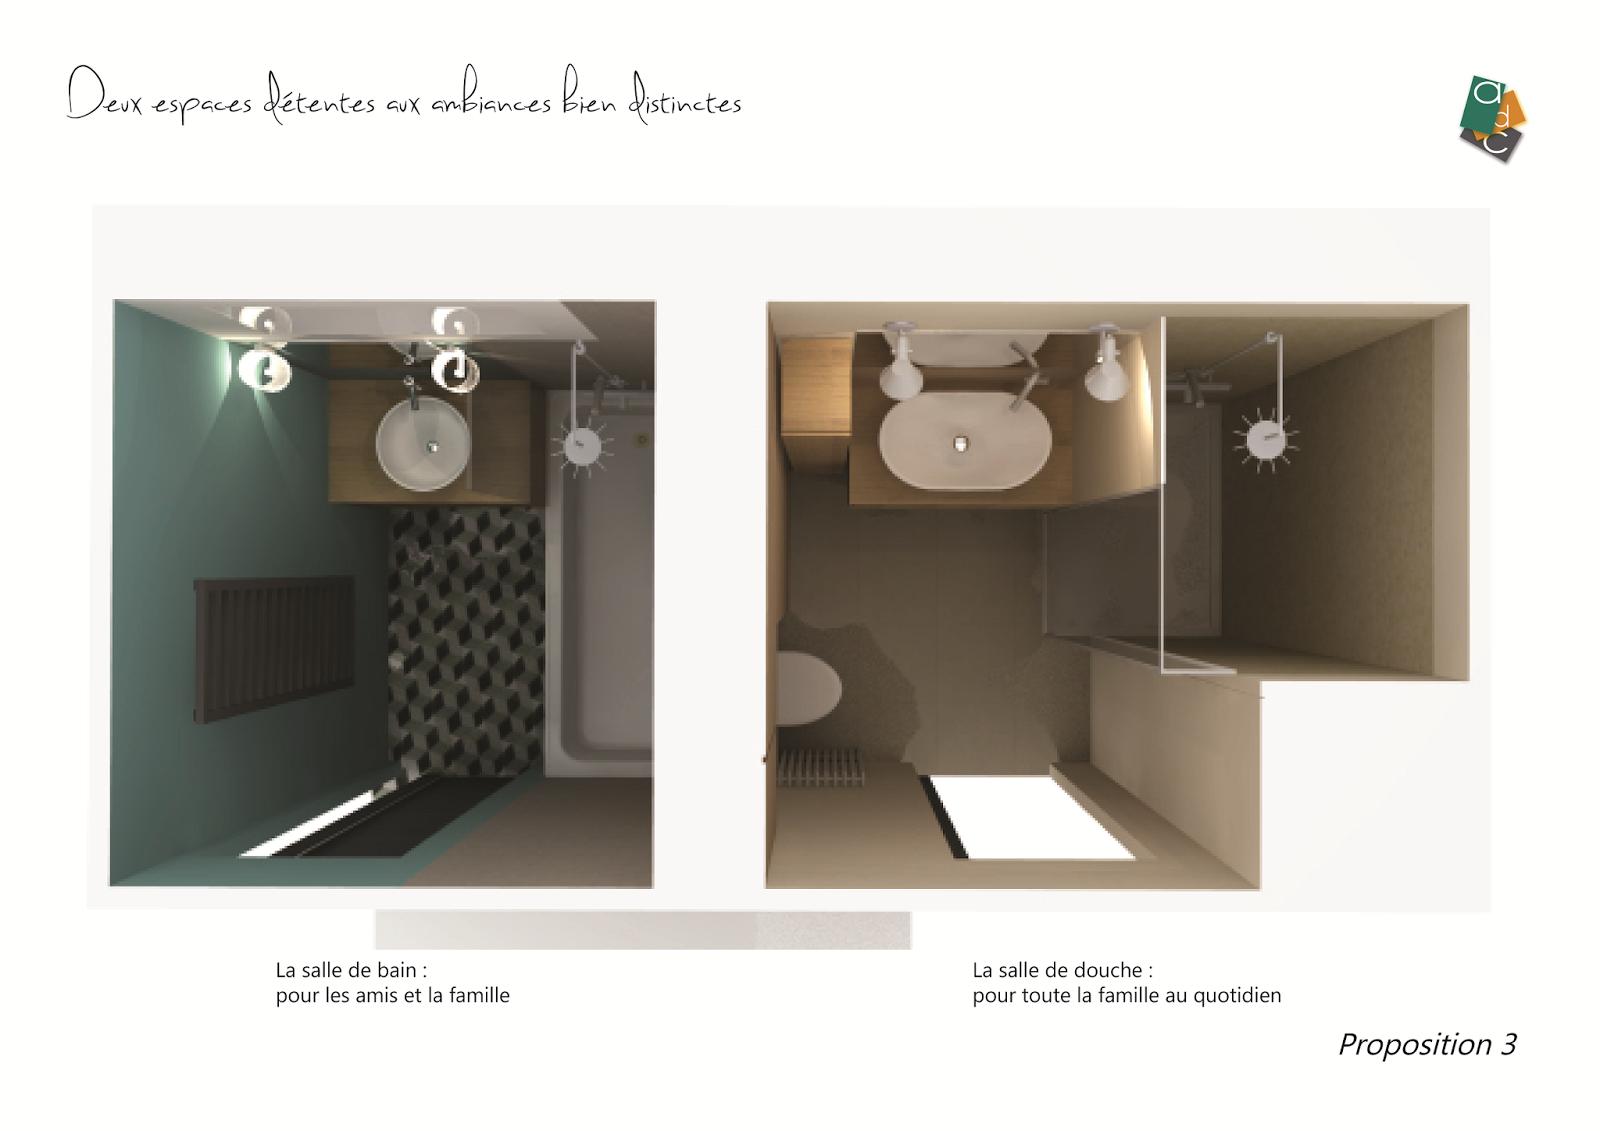 Adc l 39 atelier d 39 c t am nagement int rieur design d for Difference salle d eau salle de bain